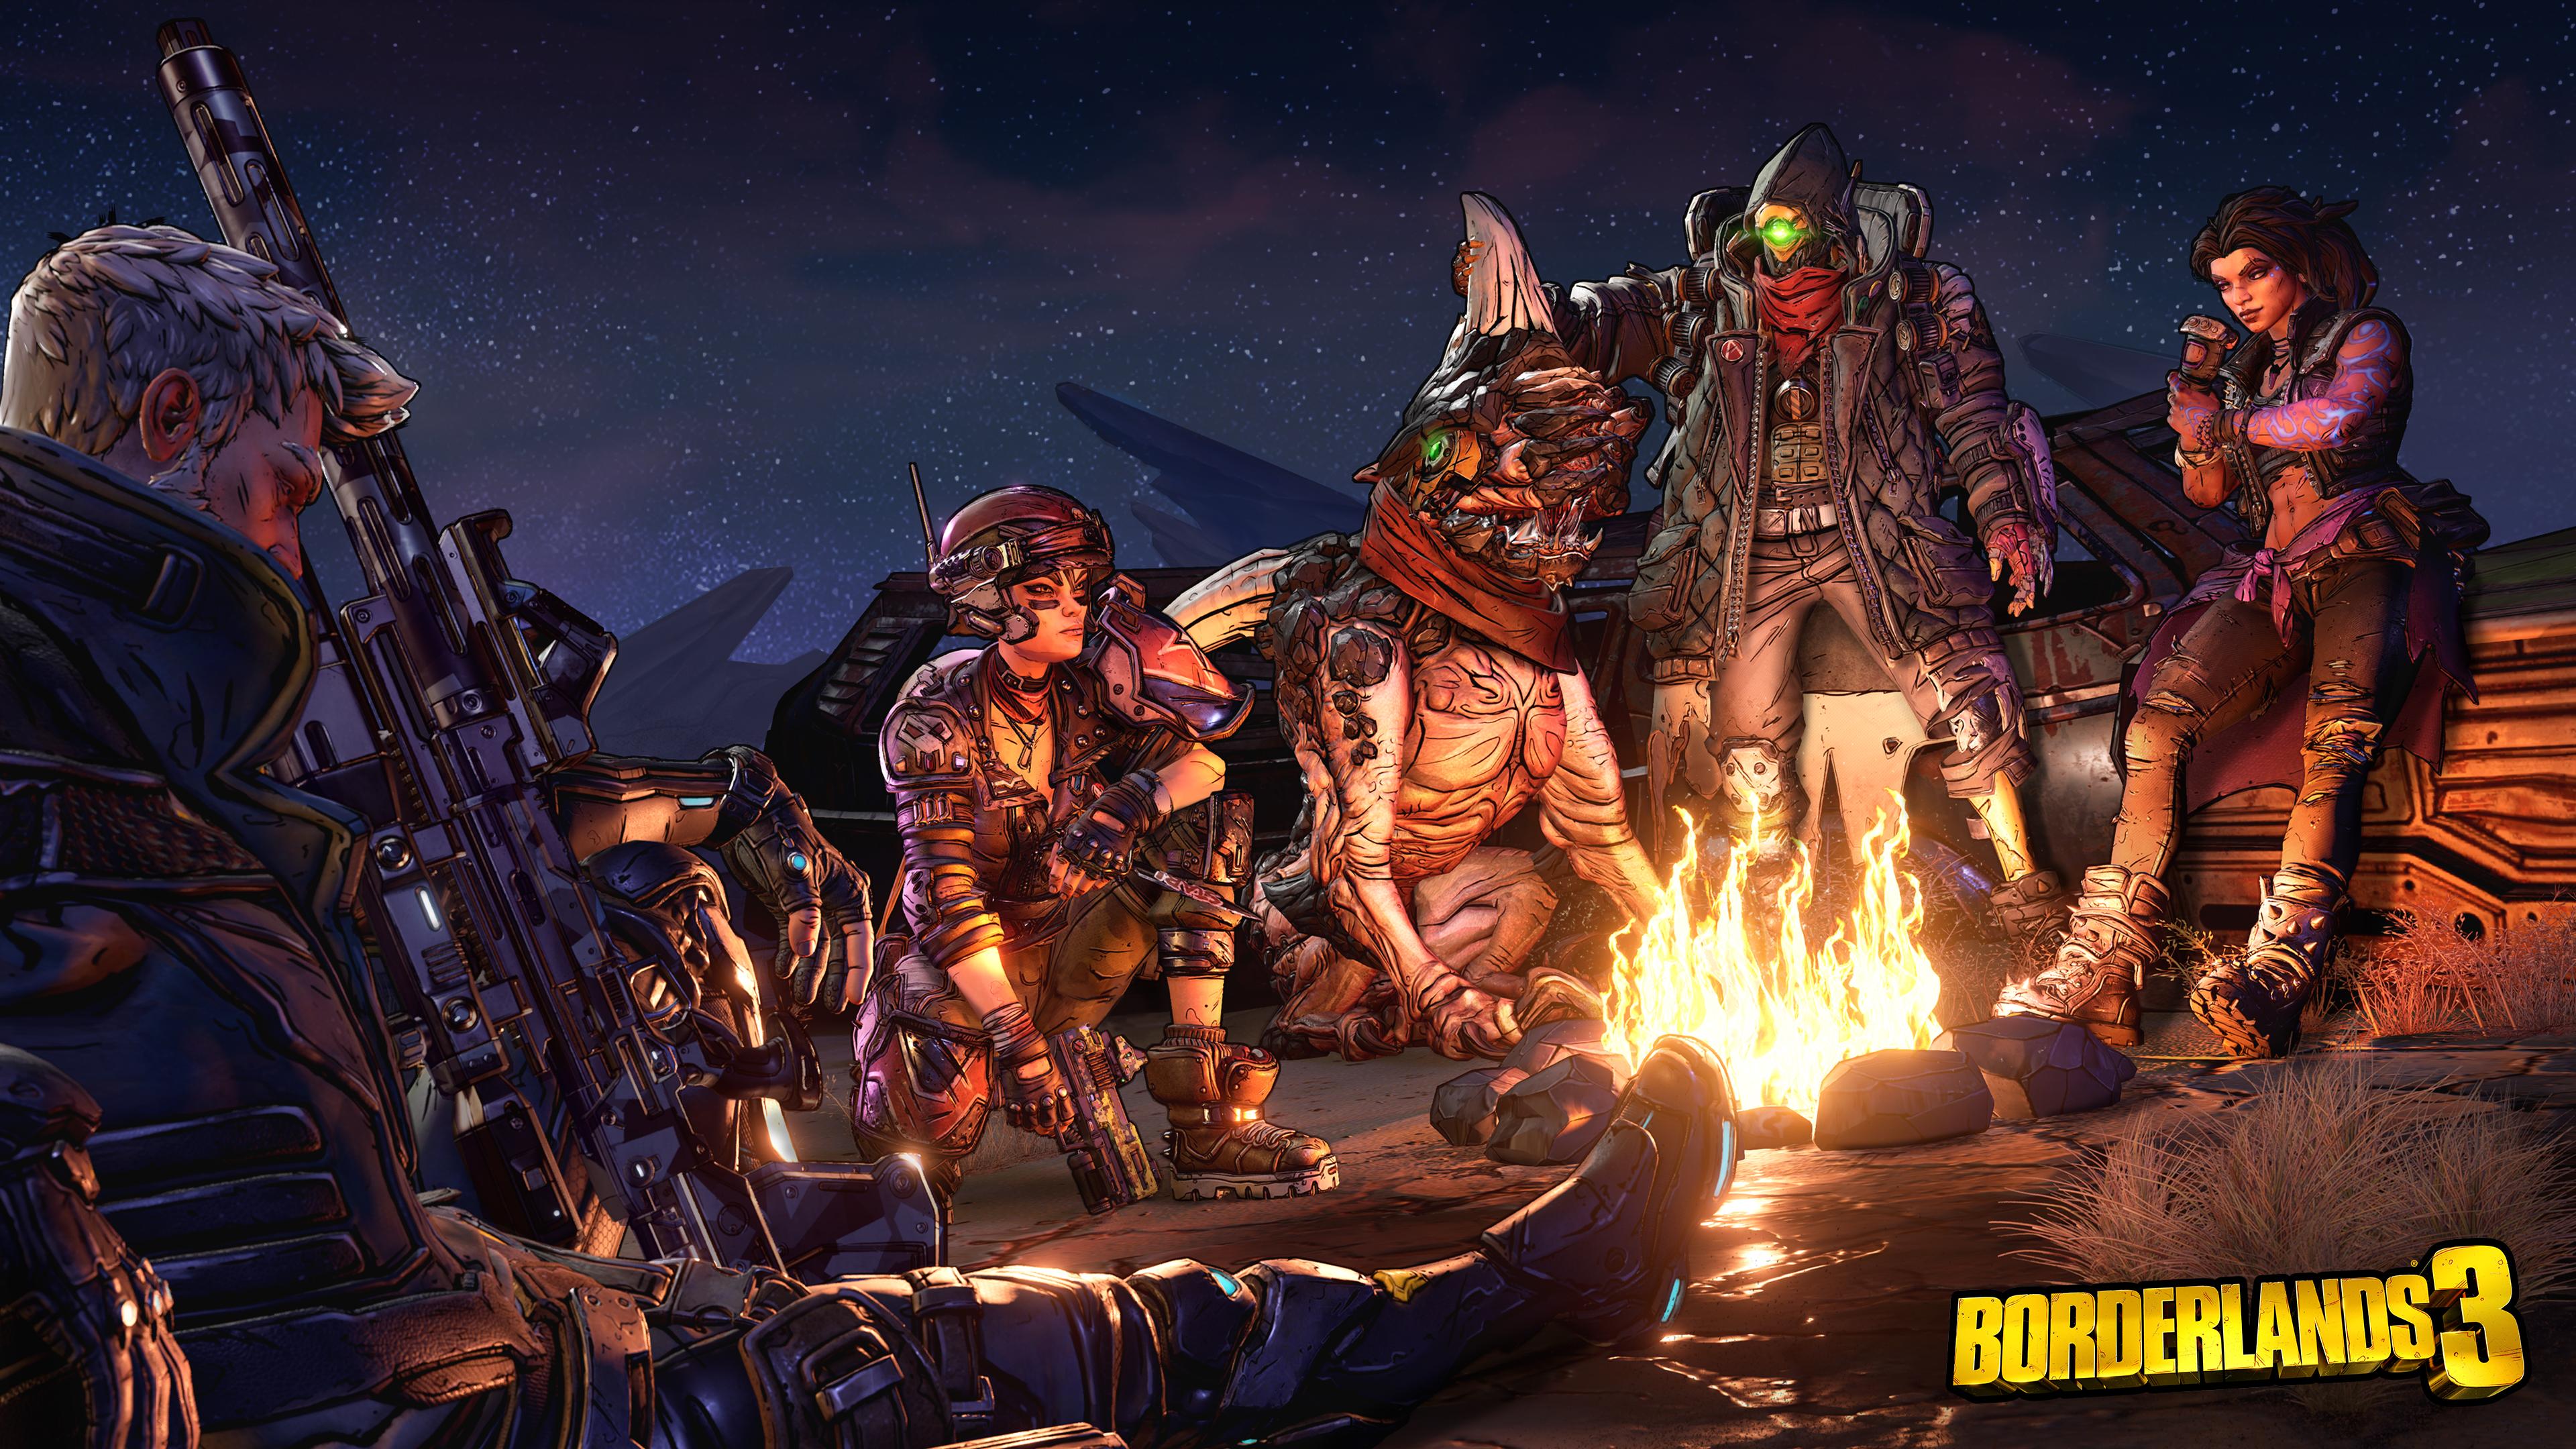 Borderlands 3 4k Ultra HD Wallpaper | Background Image ...